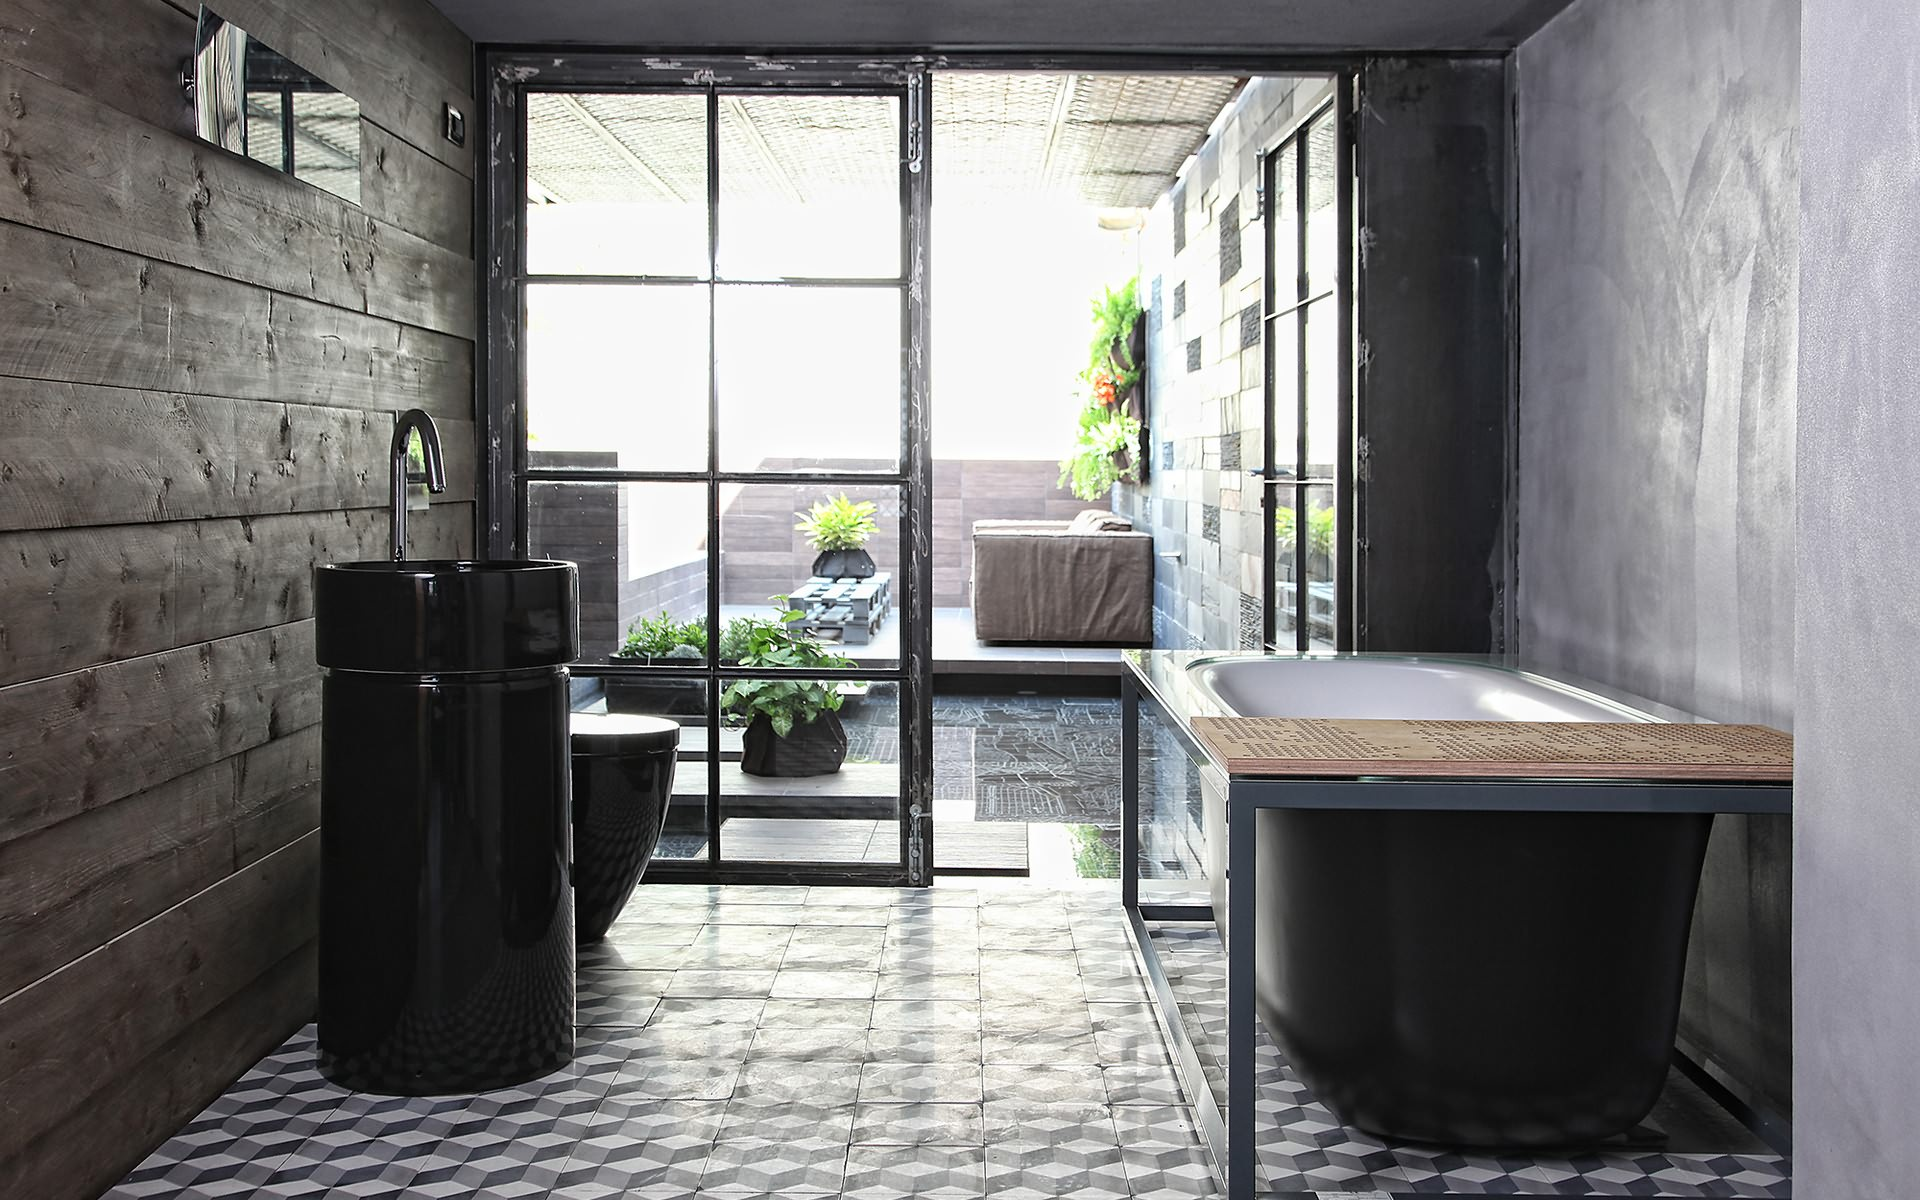 ванна, кафель, дверь